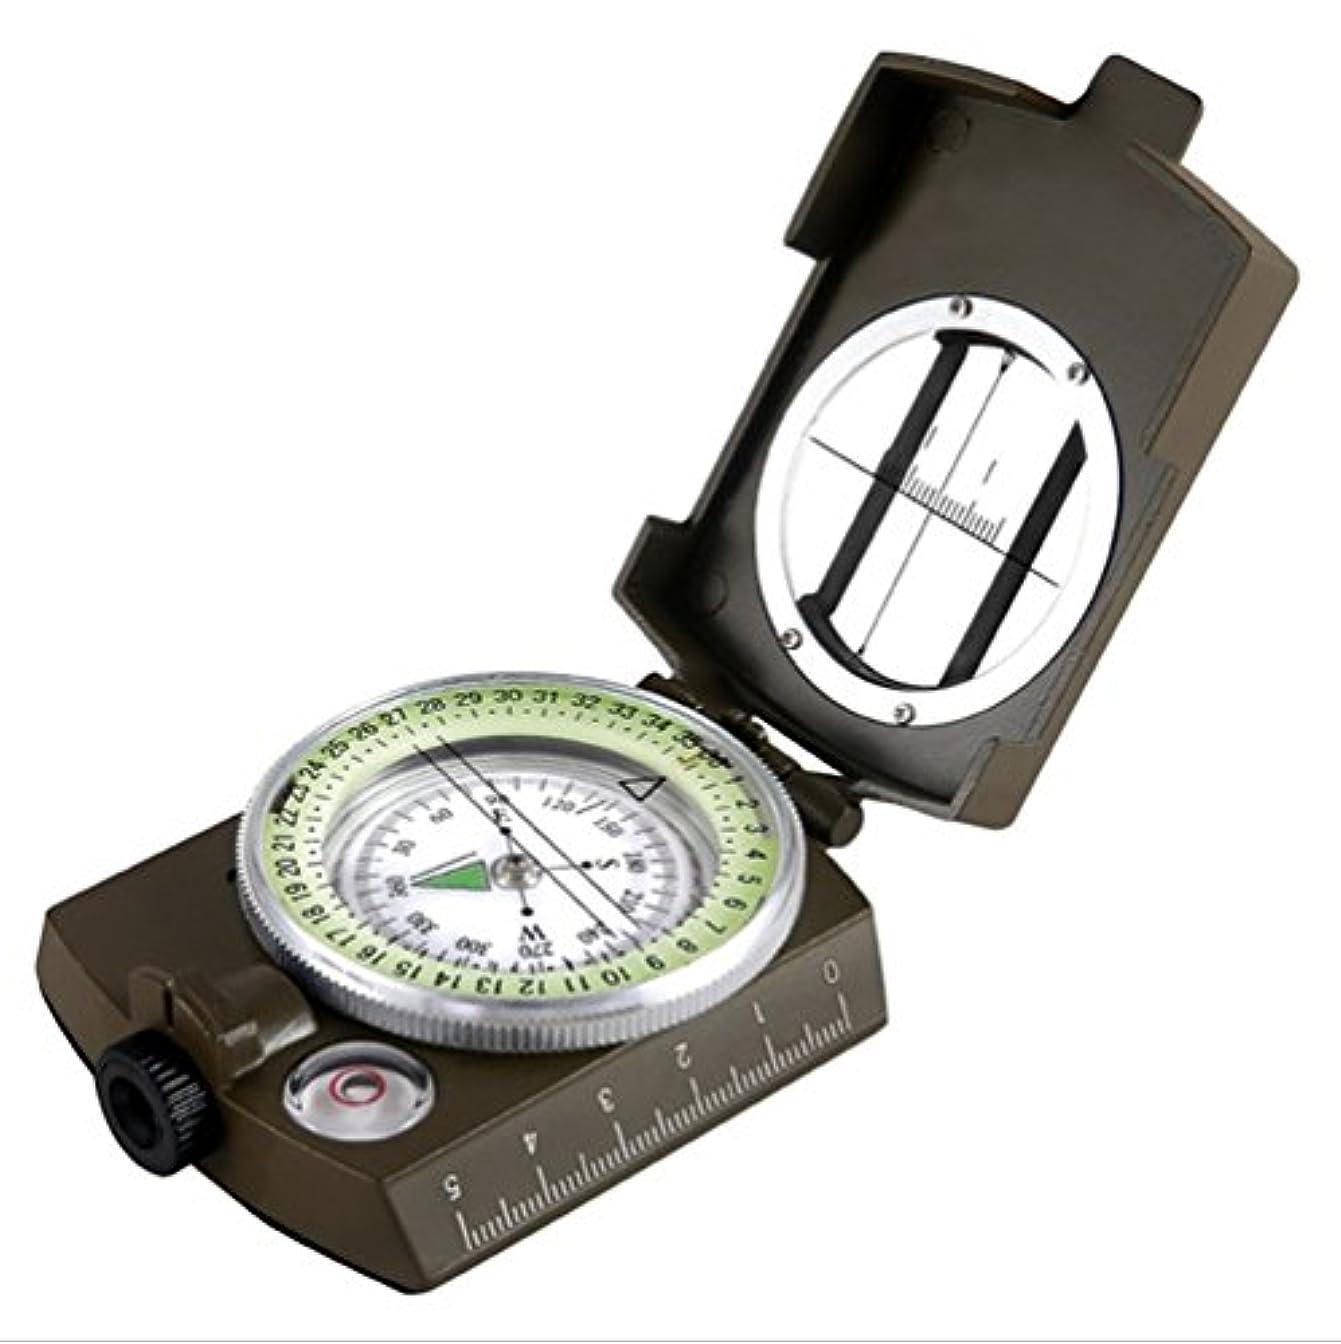 シャベル煩わしい評価可能mcolicsプロフェッショナル多機能Military LensaticコンパスSighting高精度防水アウトドア活動用